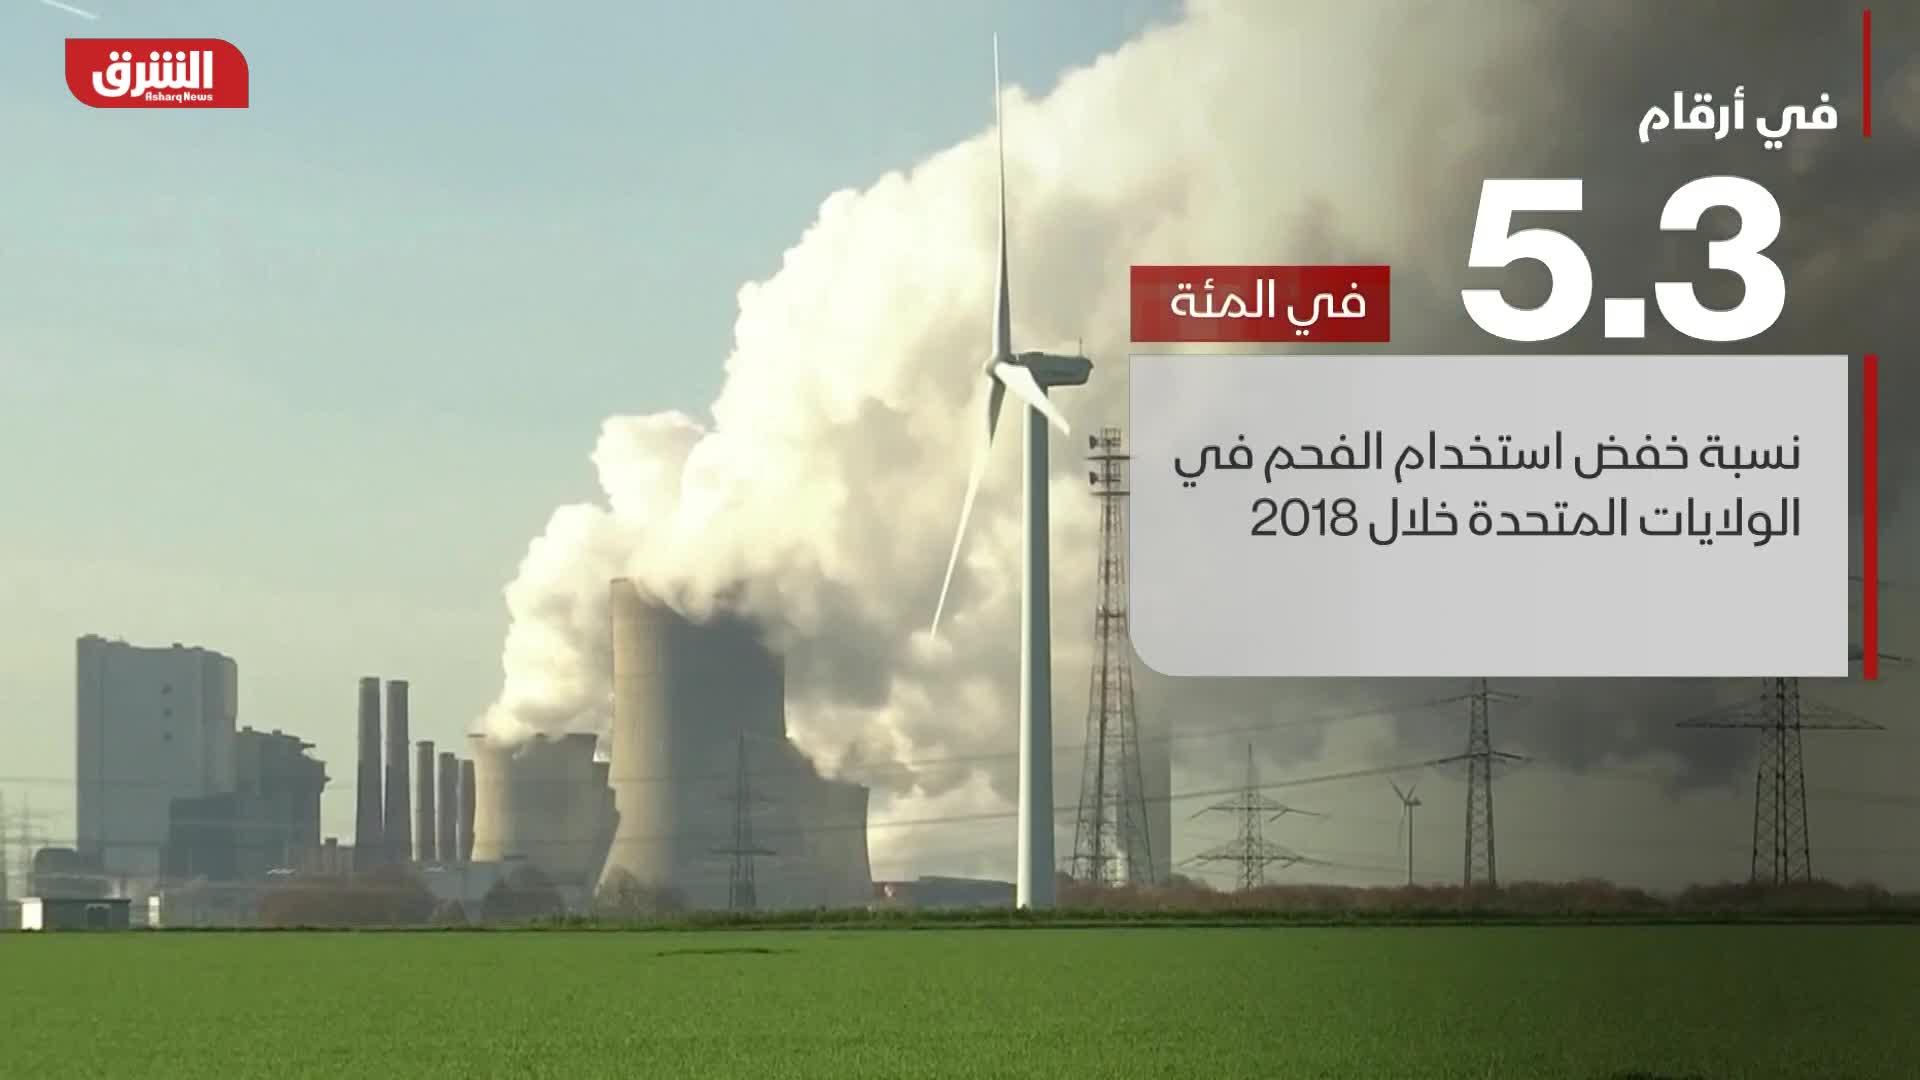 في أرقام.. خفض استخدام الوقود الأحفوري